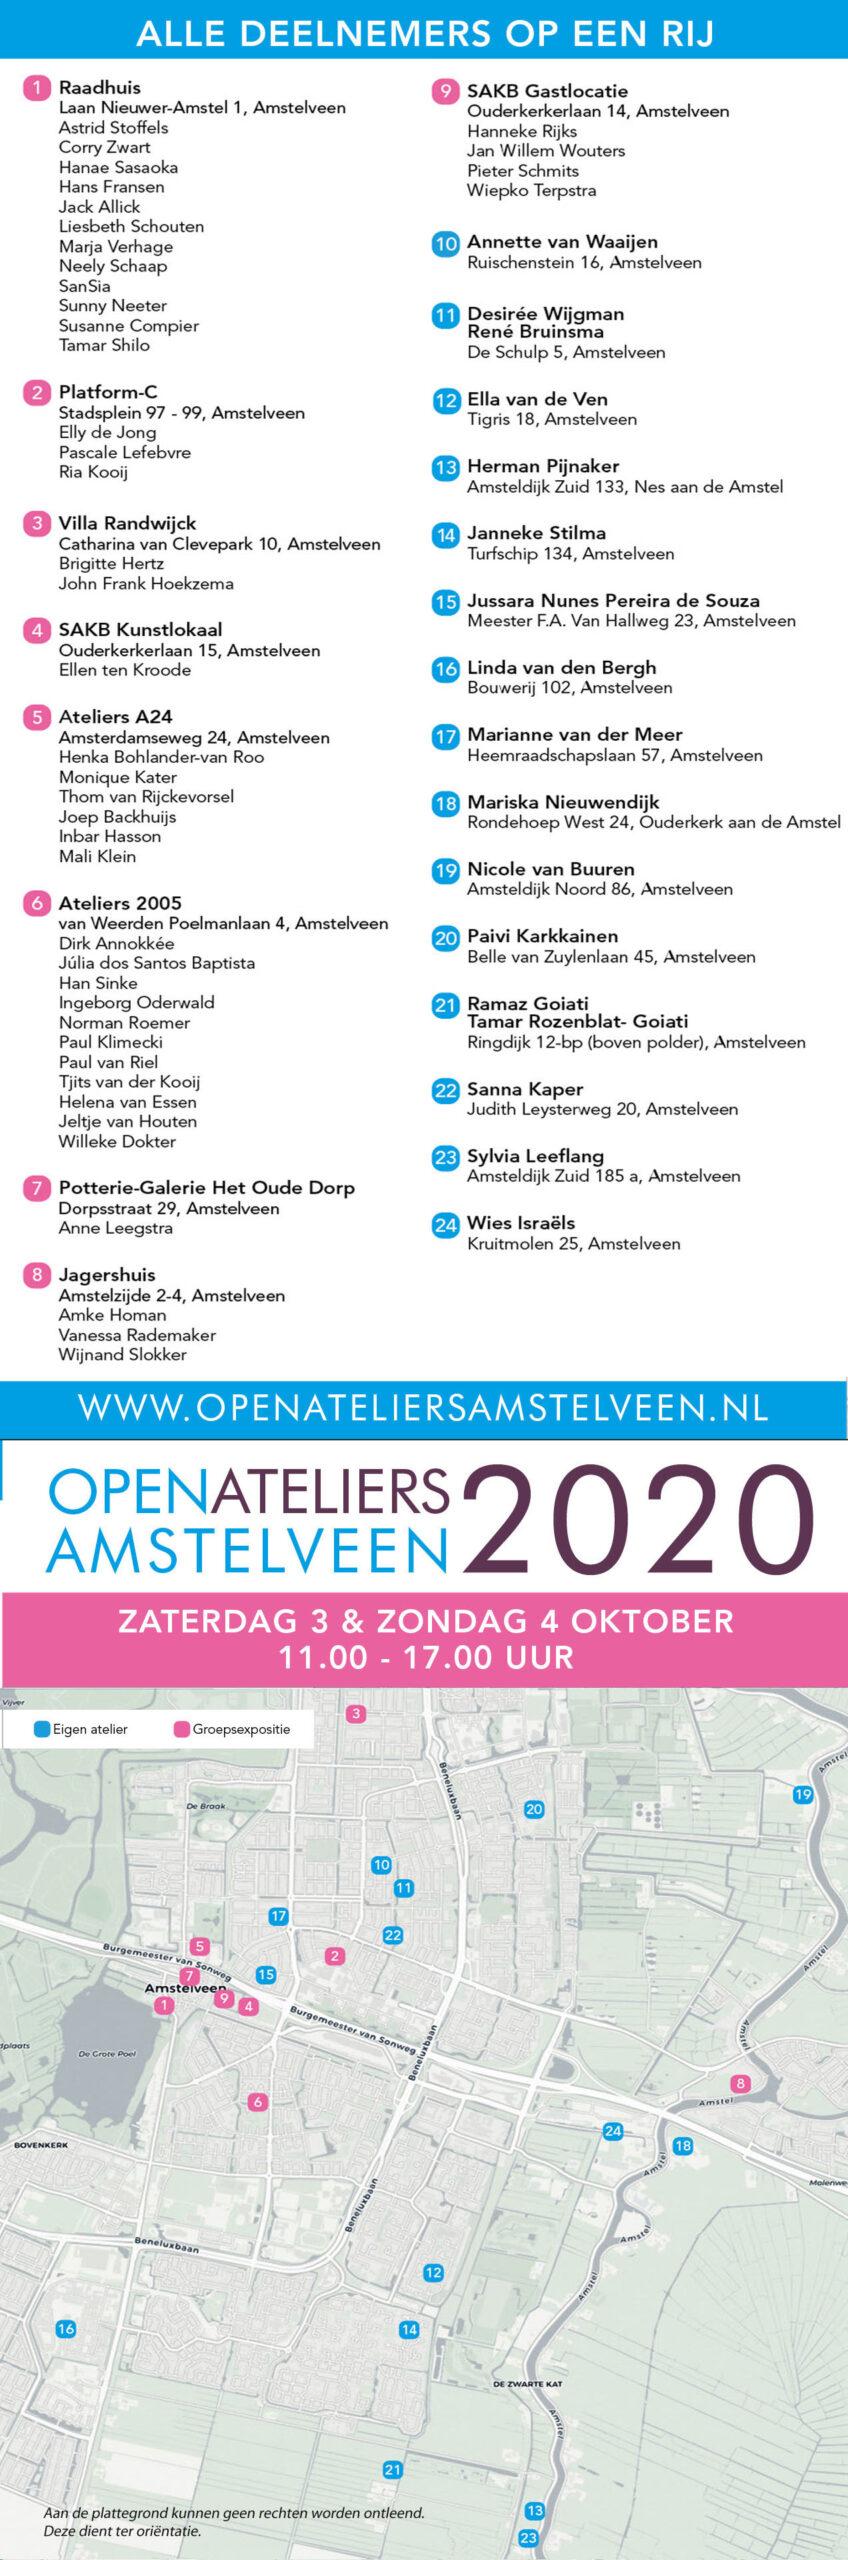 plattegrond open atelierroute amstelveen 2020